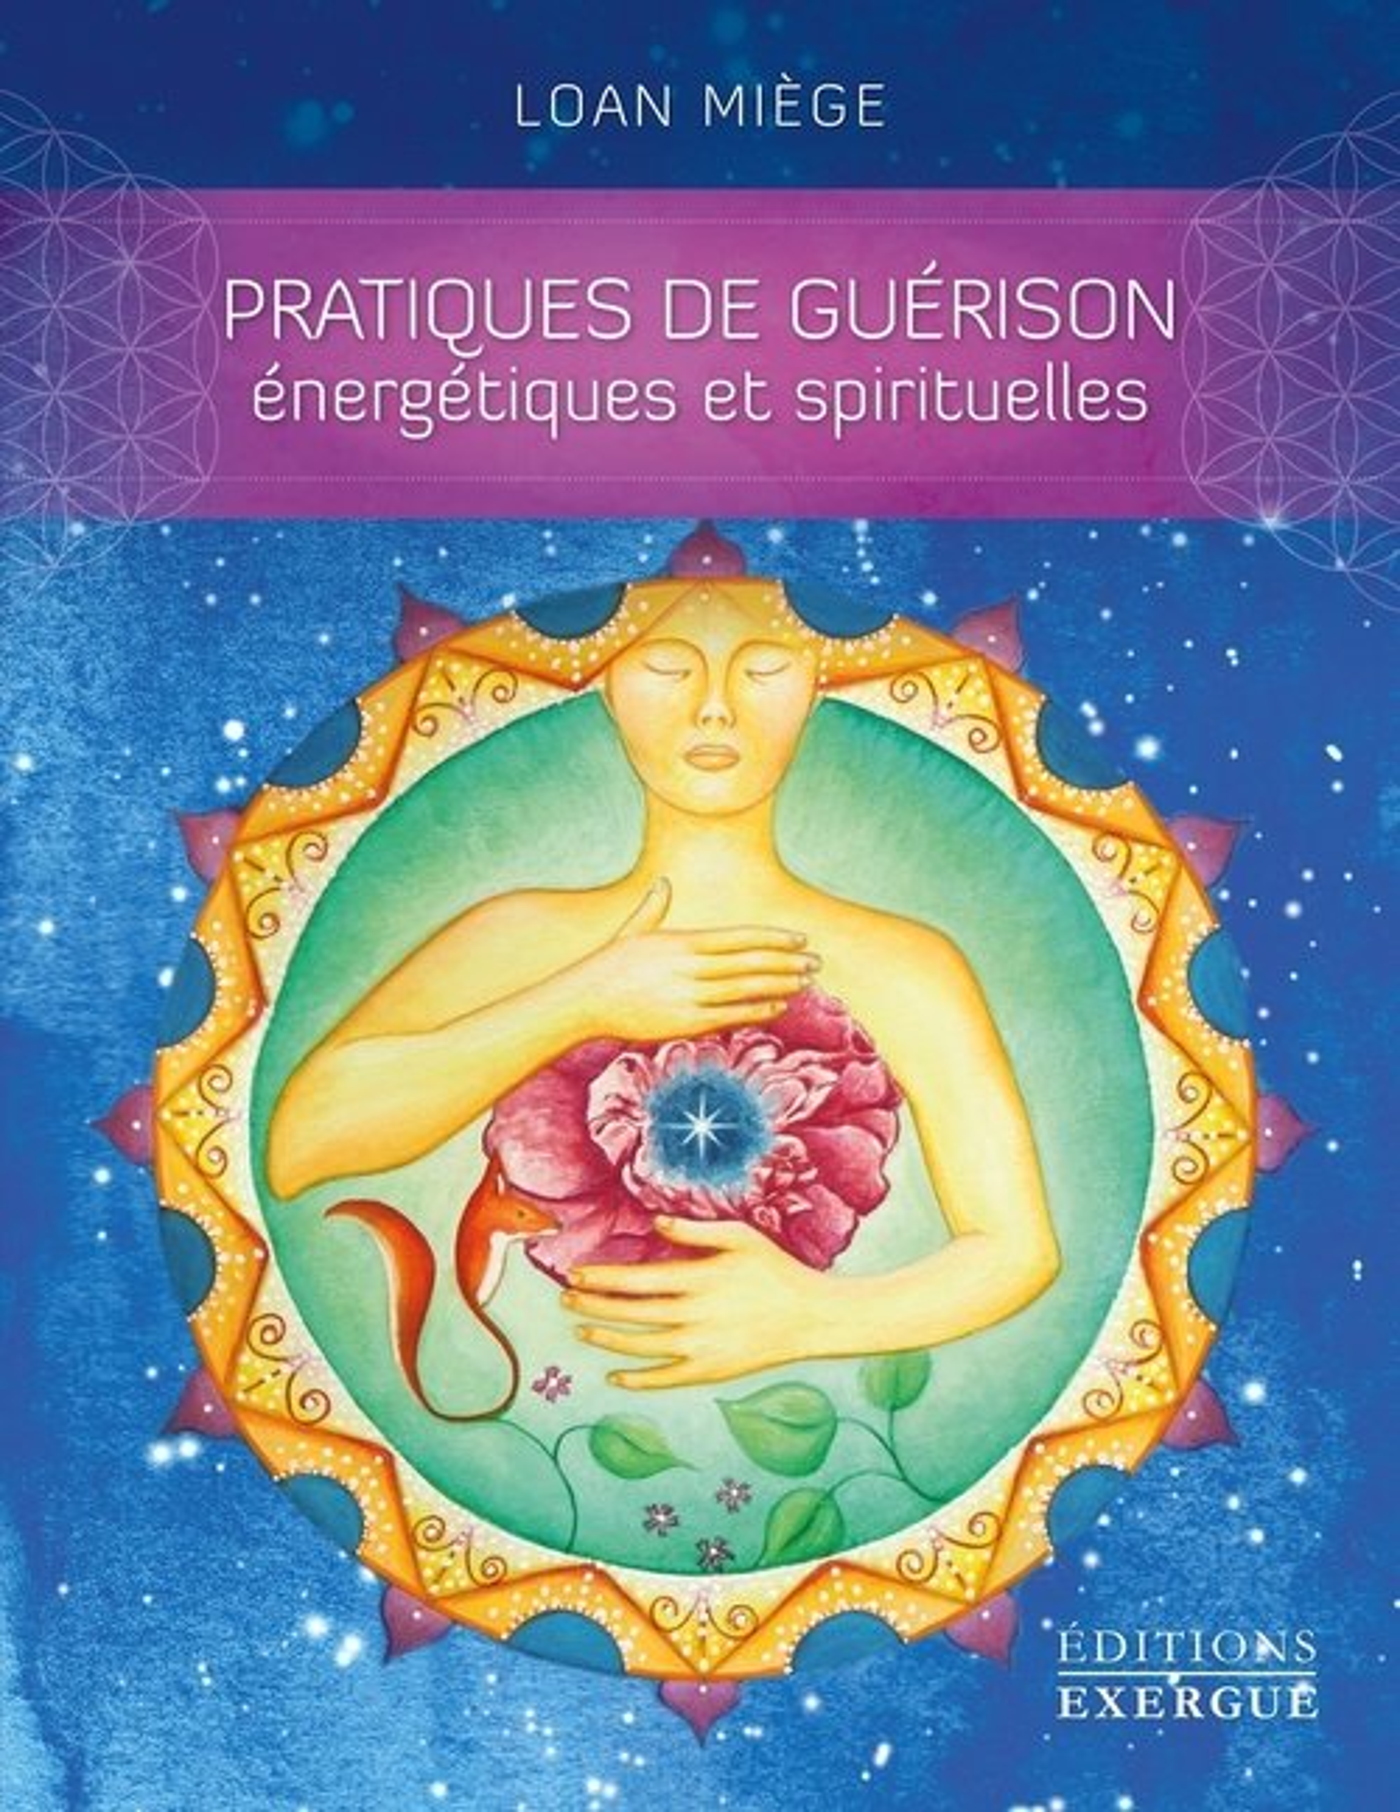 Pratiques de guérison énergétiques et spirituelles